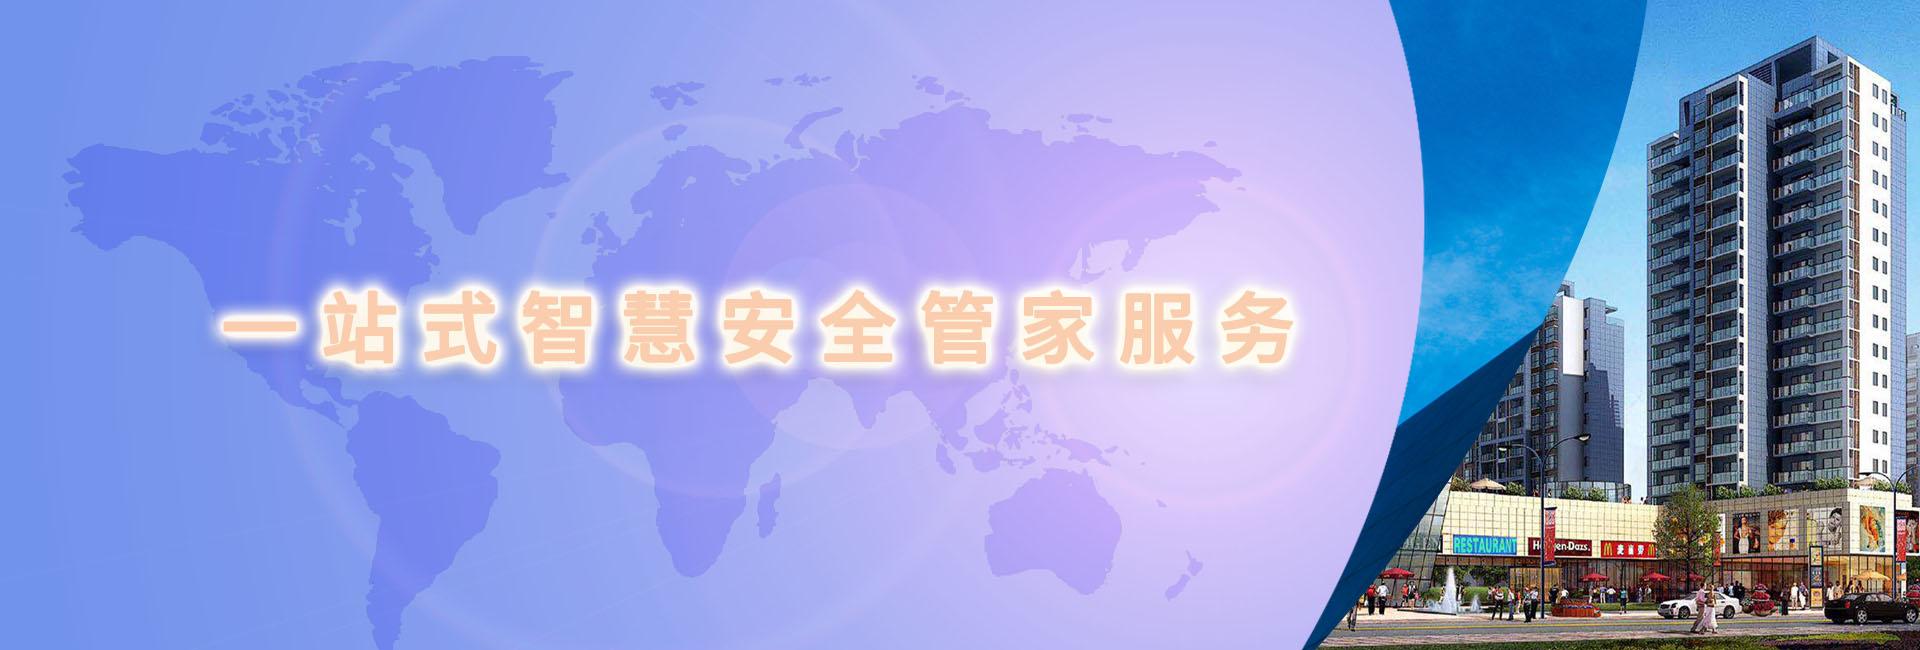 智慧社区banner